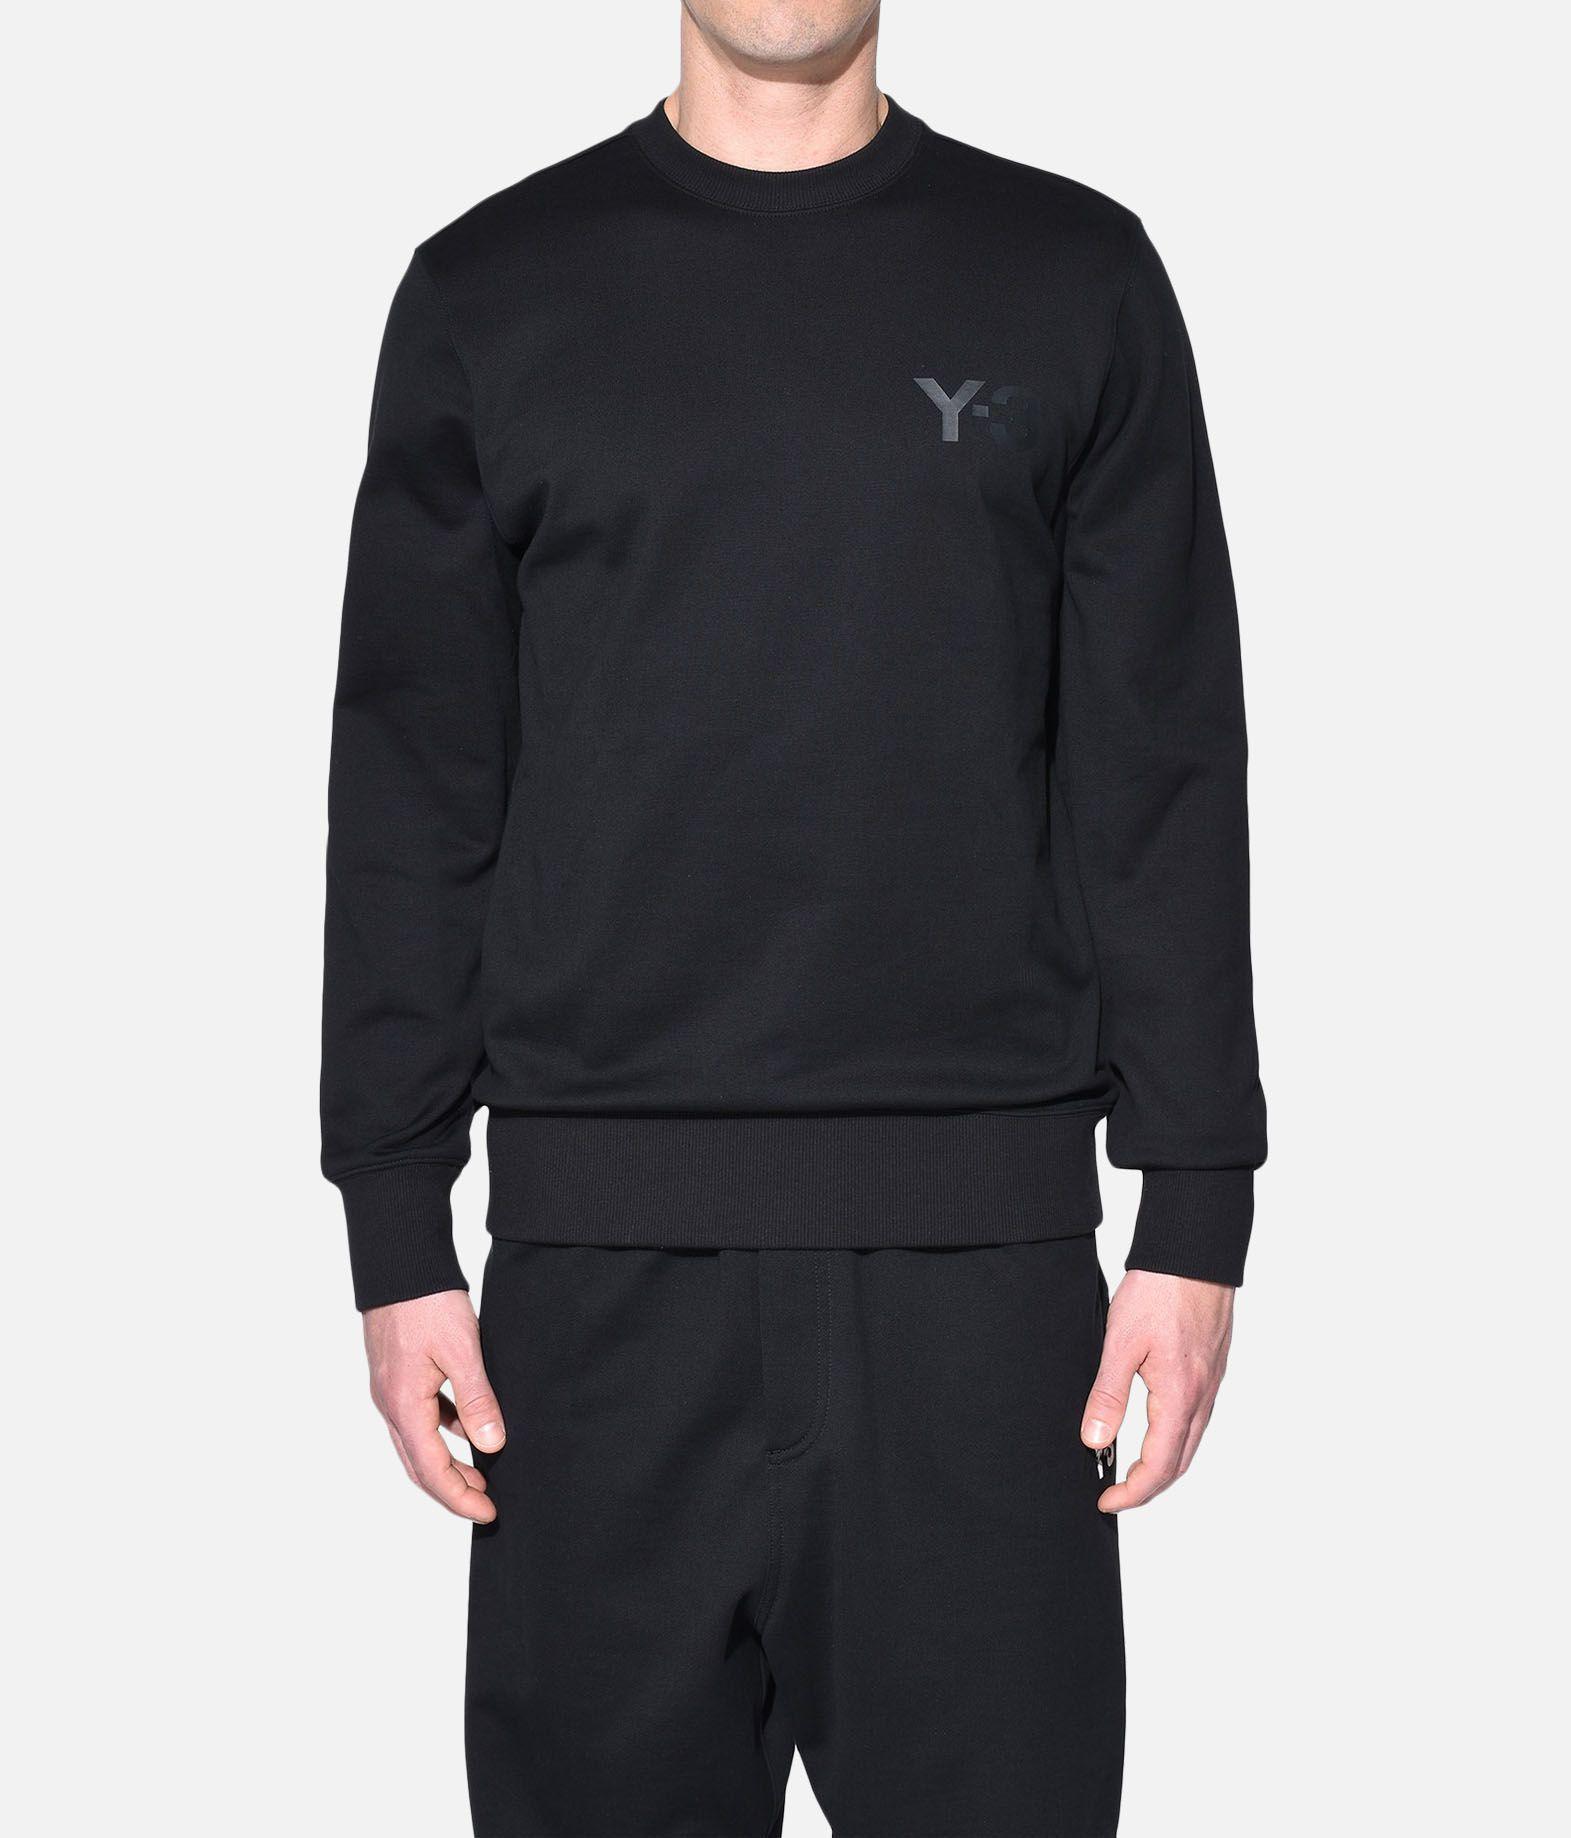 Y-3 Y-3 CLASSIC SWEATER Sweatshirt Man r